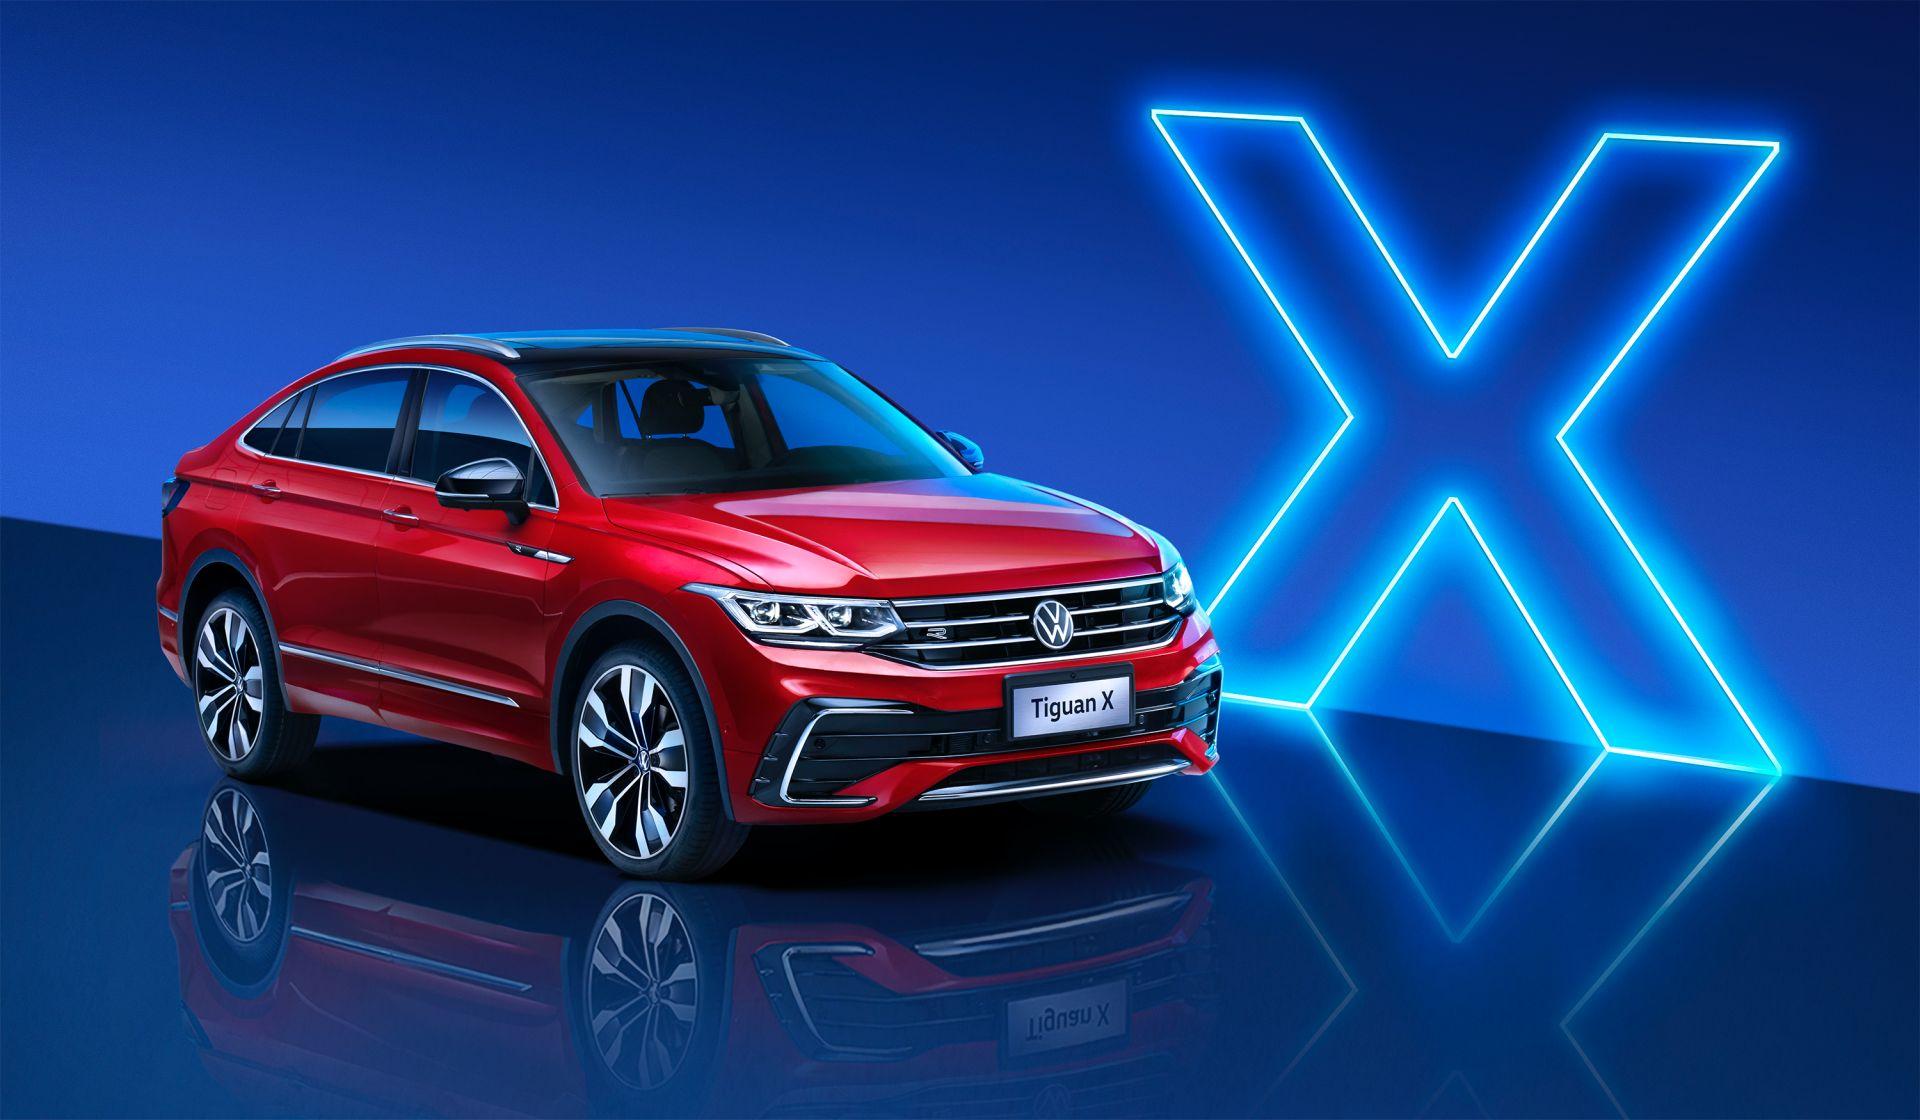 2021-Volkswagen-Tiguan-X-China-spec-2